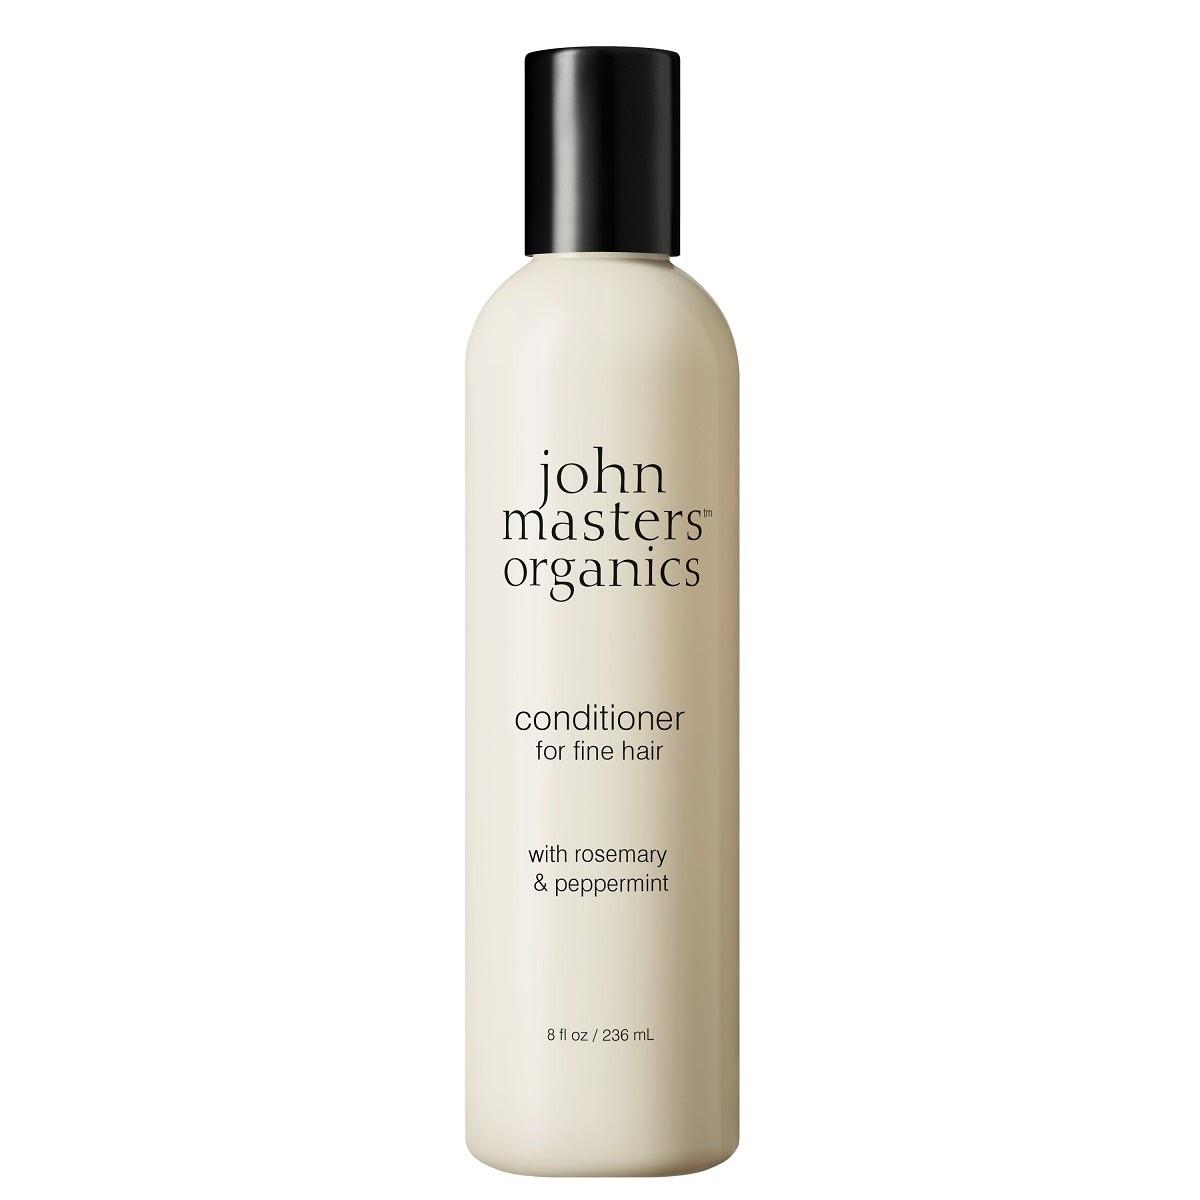 【口コミ付】john masters organics(ジョンマスターオーガニック)のヘアケアを全17種ご紹介!の画像